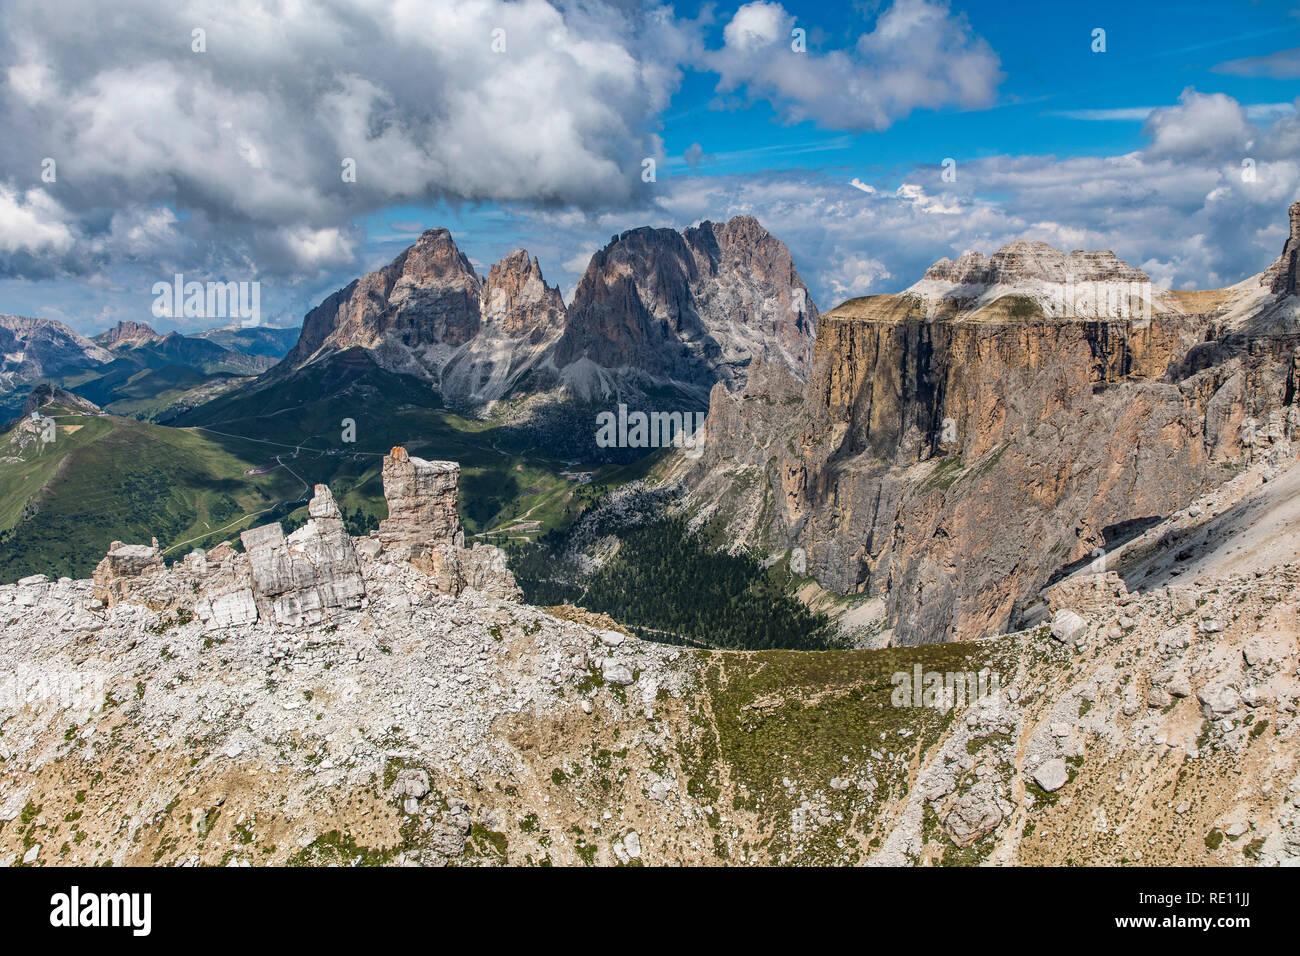 Veneto, mountain landscape on the Pordoi Pass, Dolomites, Italy, pass at 2239 meters altitude, ride on the mountain railway to Sass Pordoi, 2950 meter - Stock Image